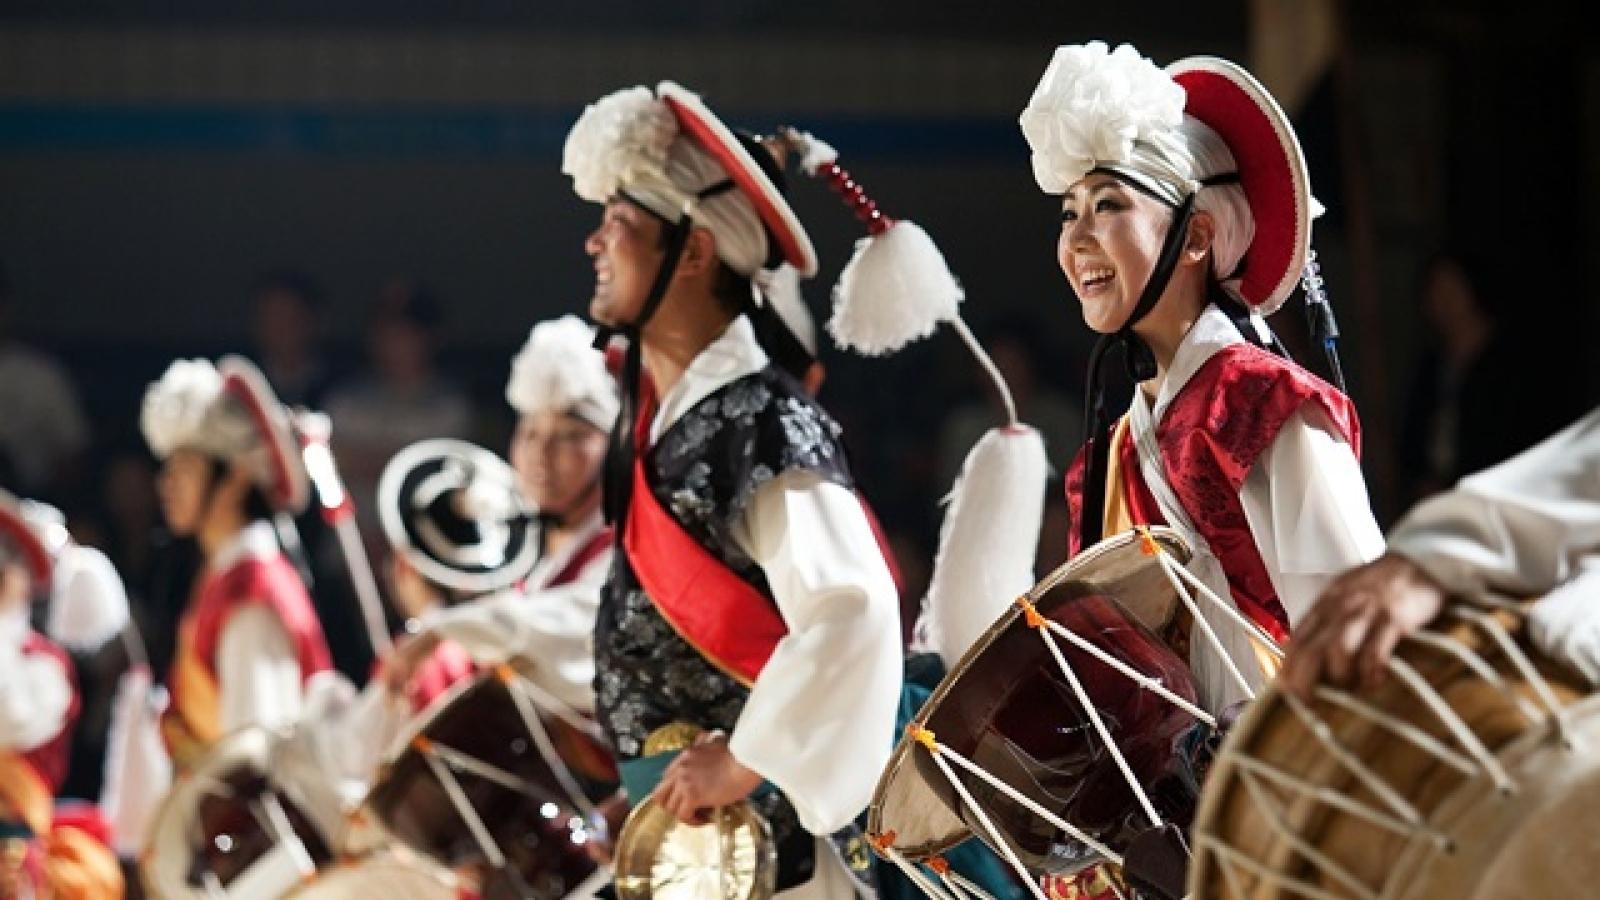 RoK further stimulates tourism in Vietnam